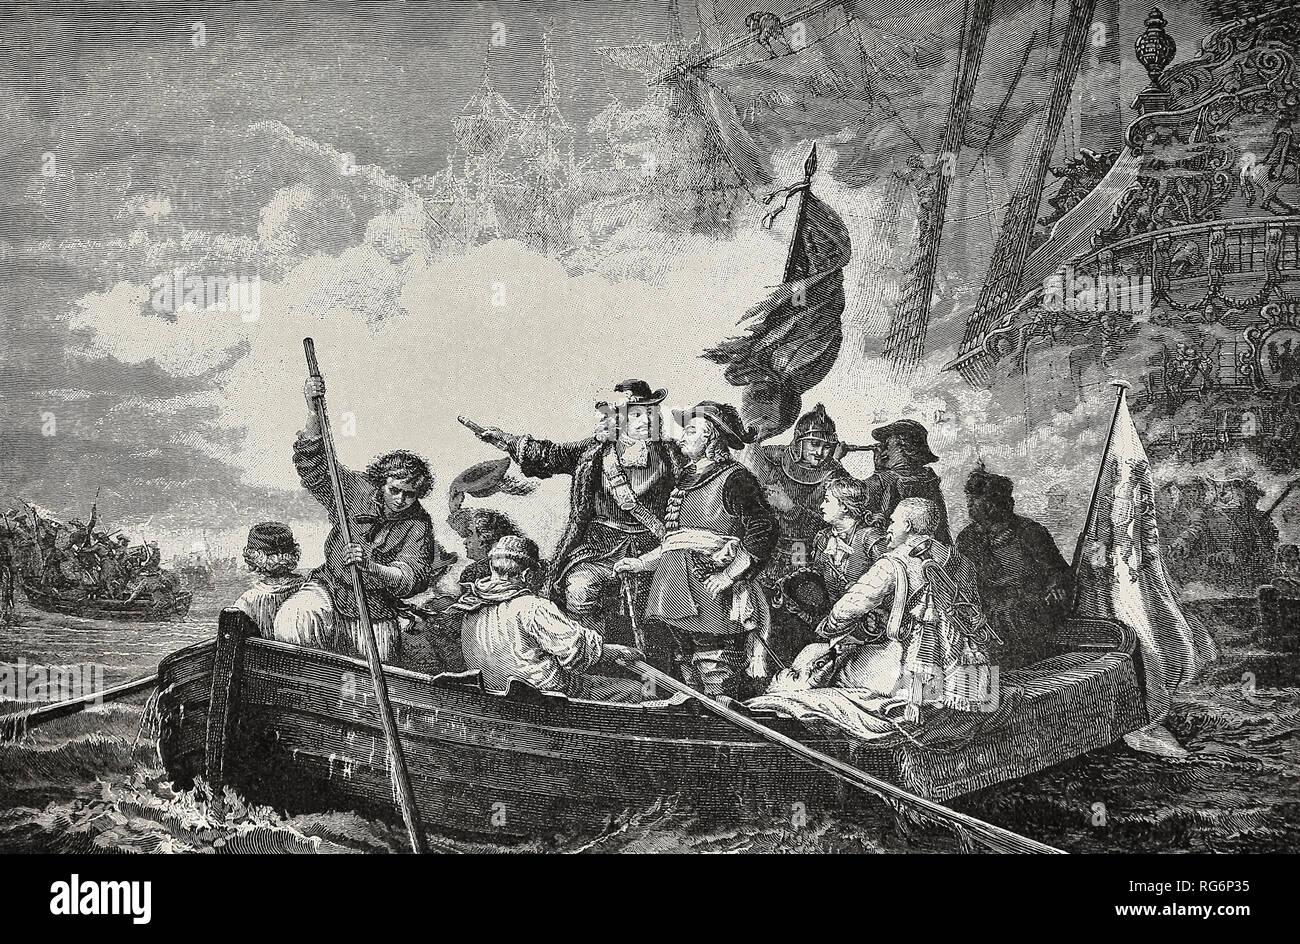 La fondazione della marina militare prussiano - Il Grande Elettore Federico cattura l'isola di Rügen Foto Stock